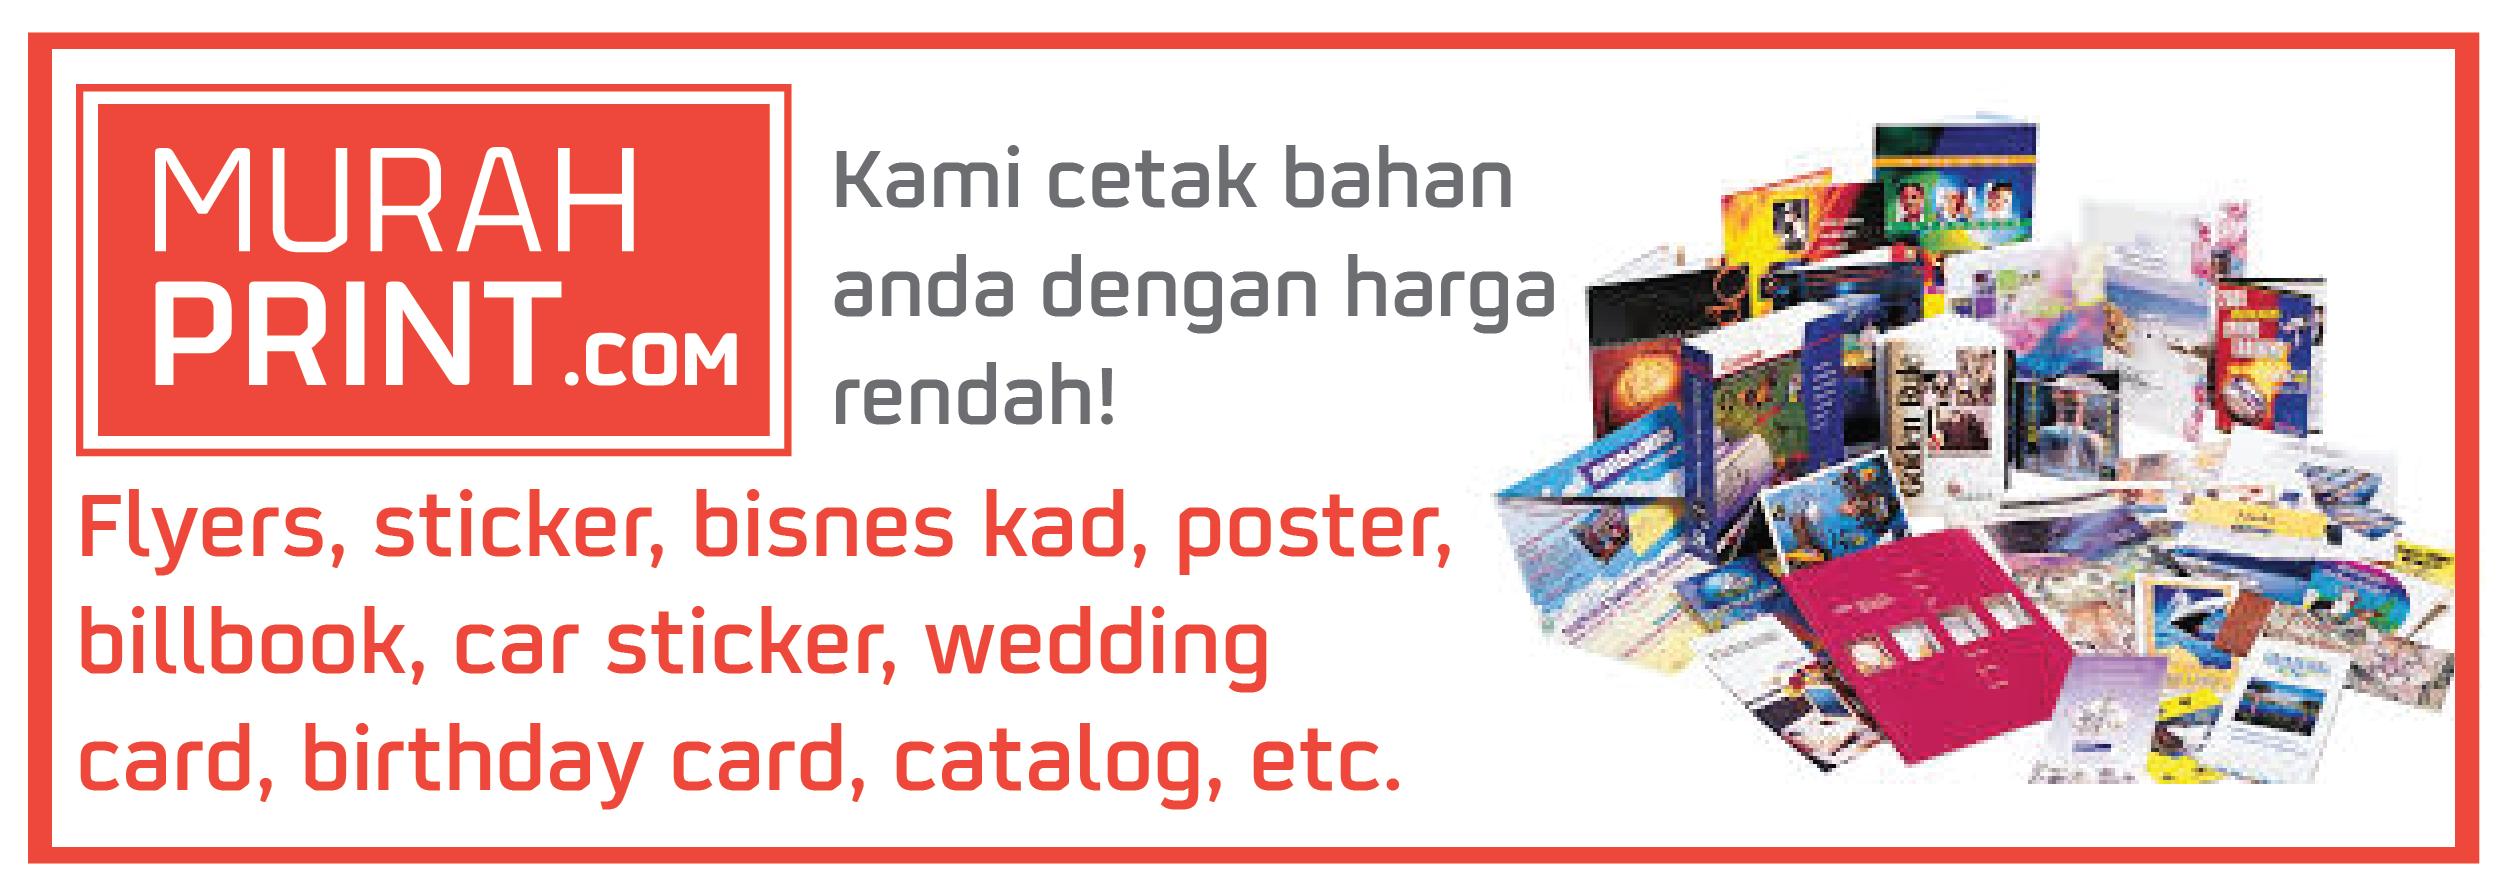 print murah